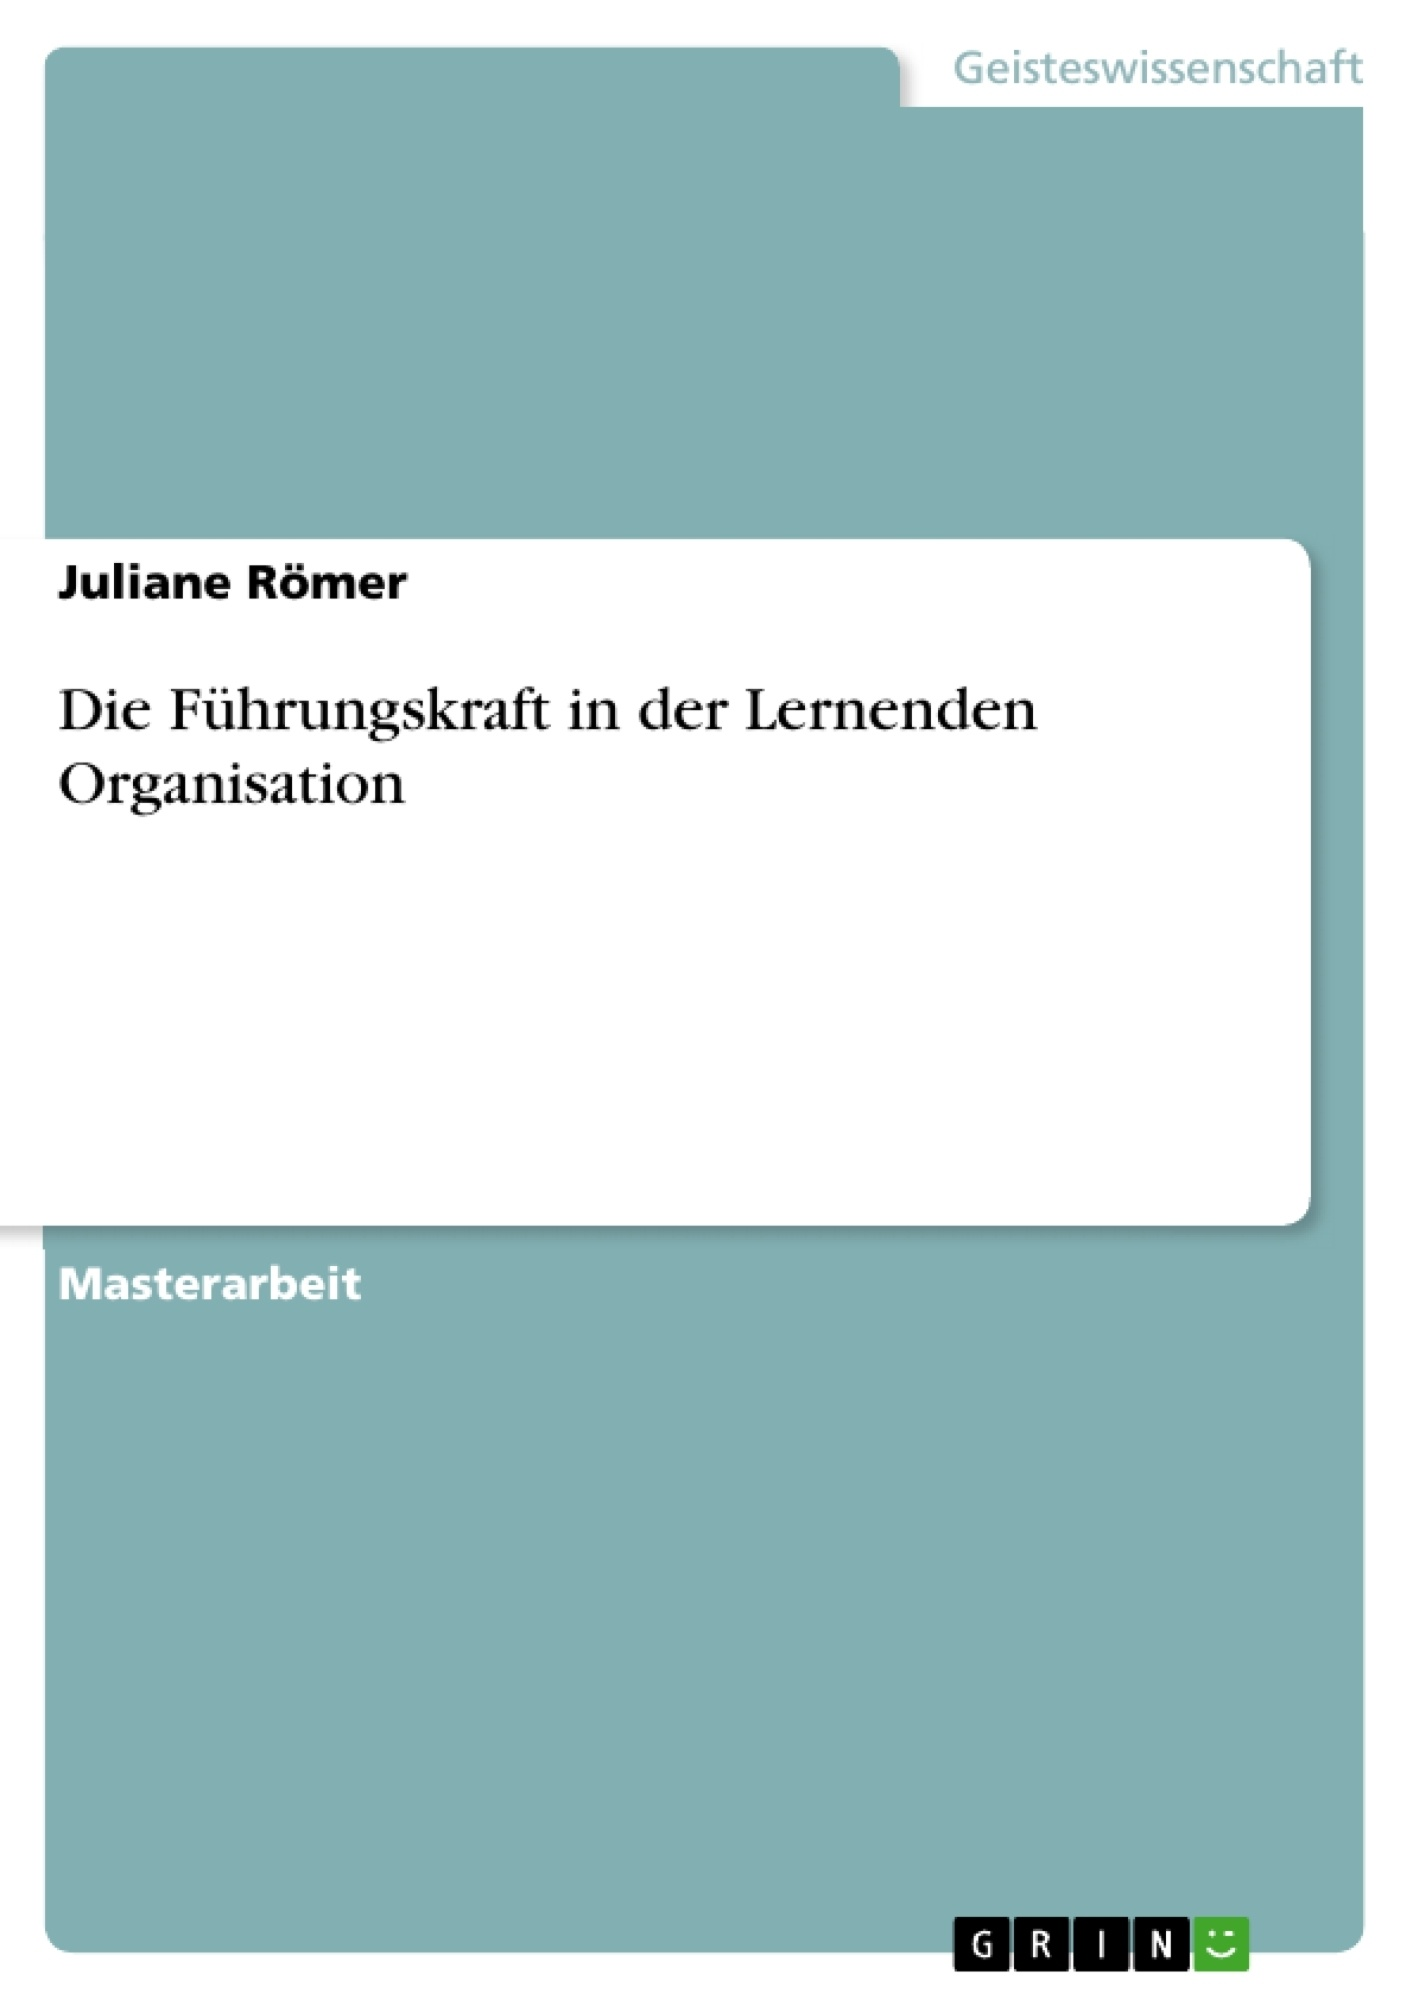 Titel: Die Führungskraft in der Lernenden Organisation